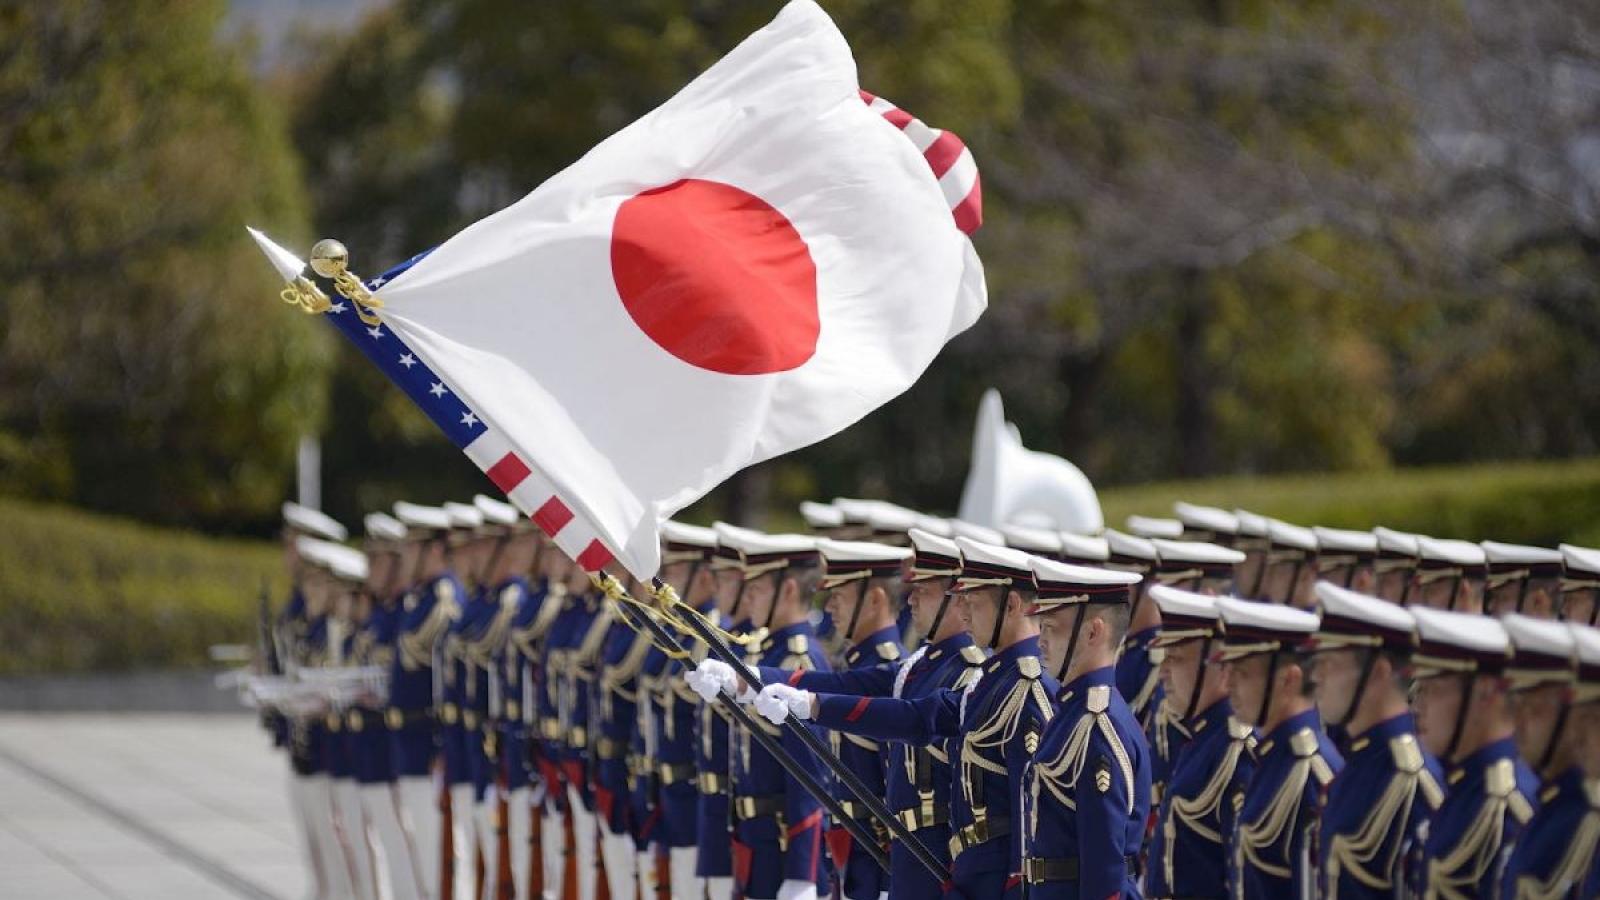 Nhật Bản đã sẵn sàng cho trục G2 mới với Mỹ?